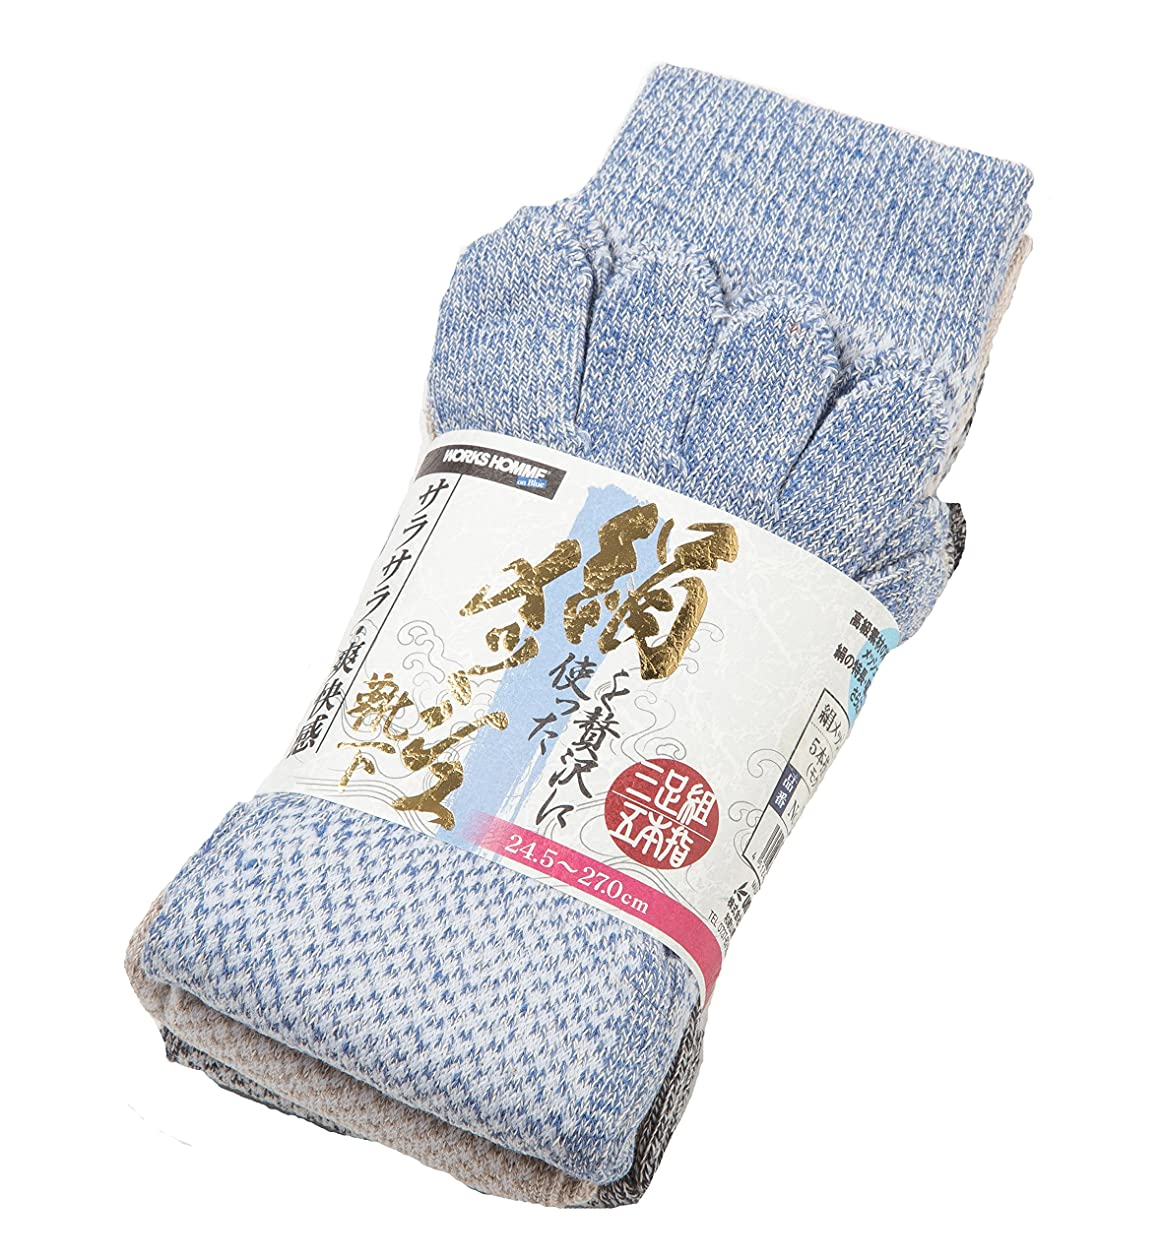 ユニワールド 絹を贅沢に使ったメッシュ靴下 モクカラーアソート カカト付5本指3足組